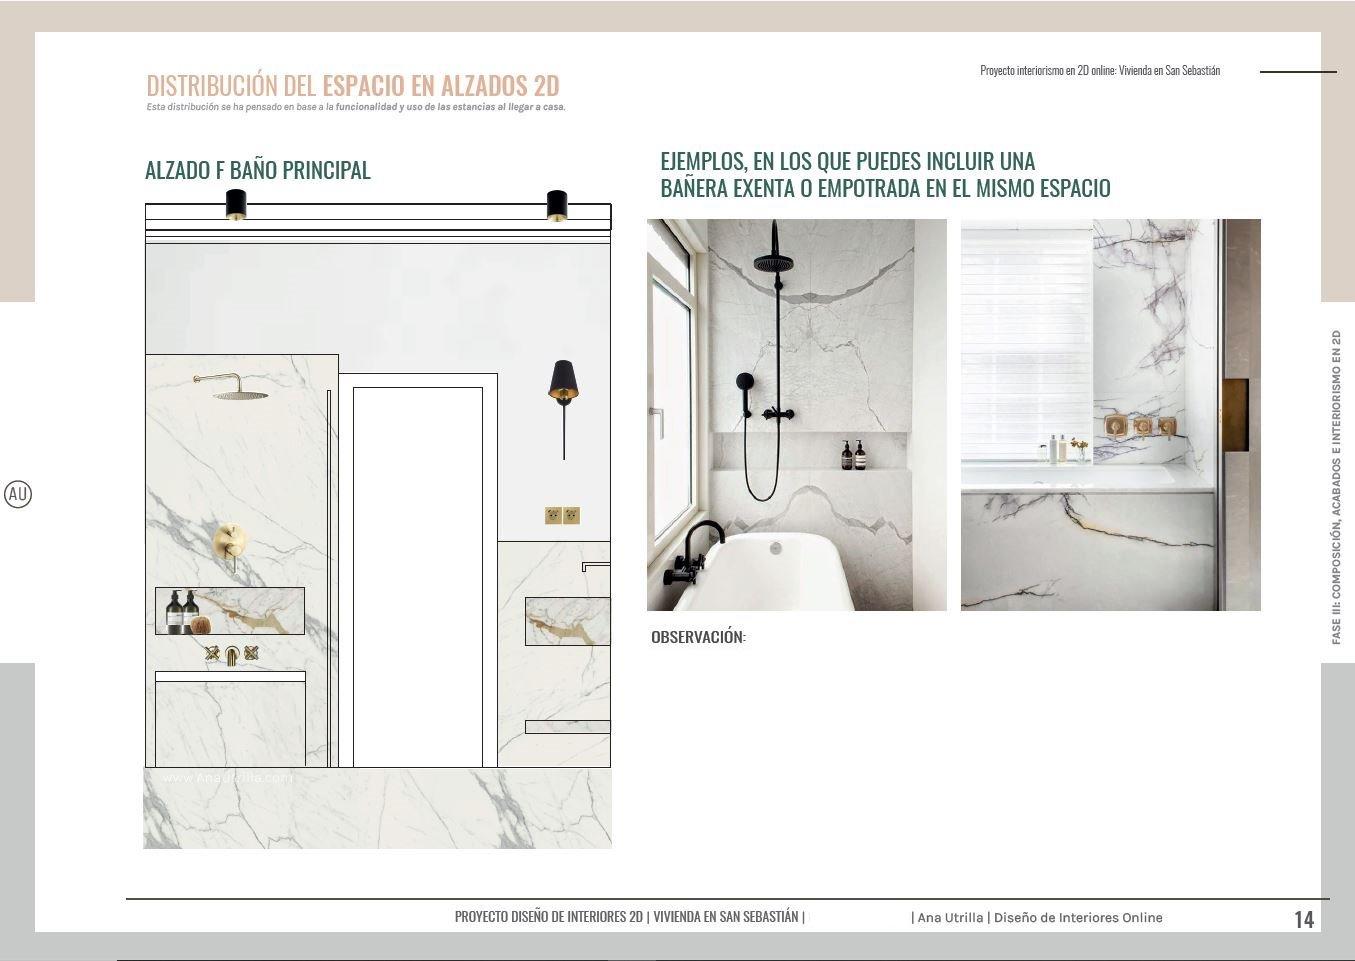 Alzados en 2D de baño principal para vivienda en San Sebastián de estilo Francés, donde incluir los acabados de materiales nobles, y mantener un estilo sofisticado y de suaves toques barrocos. #AnaUtrilla #serviciosdiseñodeinteriores